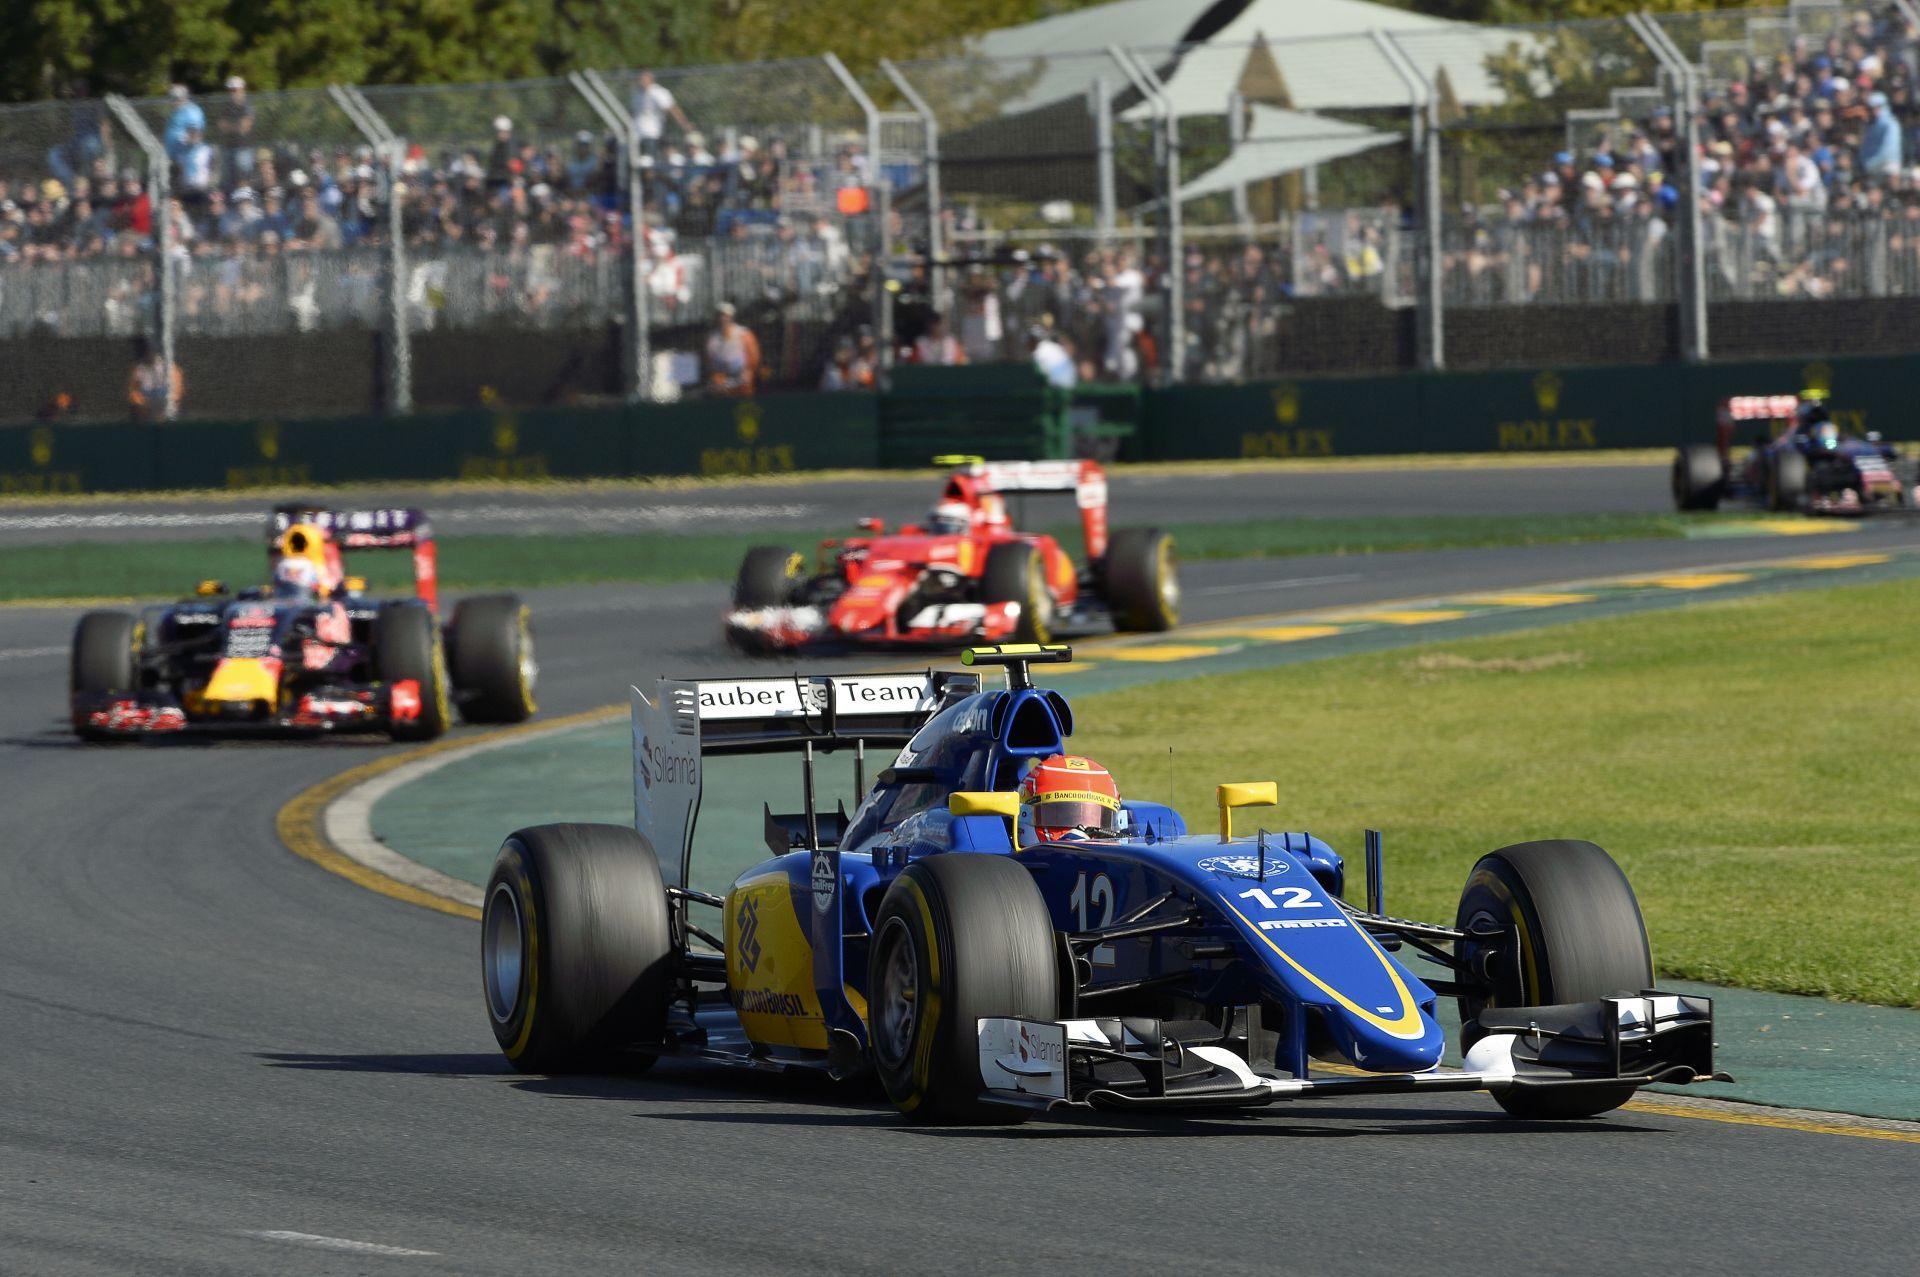 Még a Ferrarit is meglepte, hogy mennyire jó lett az új motorjuk a Forma-1-ben